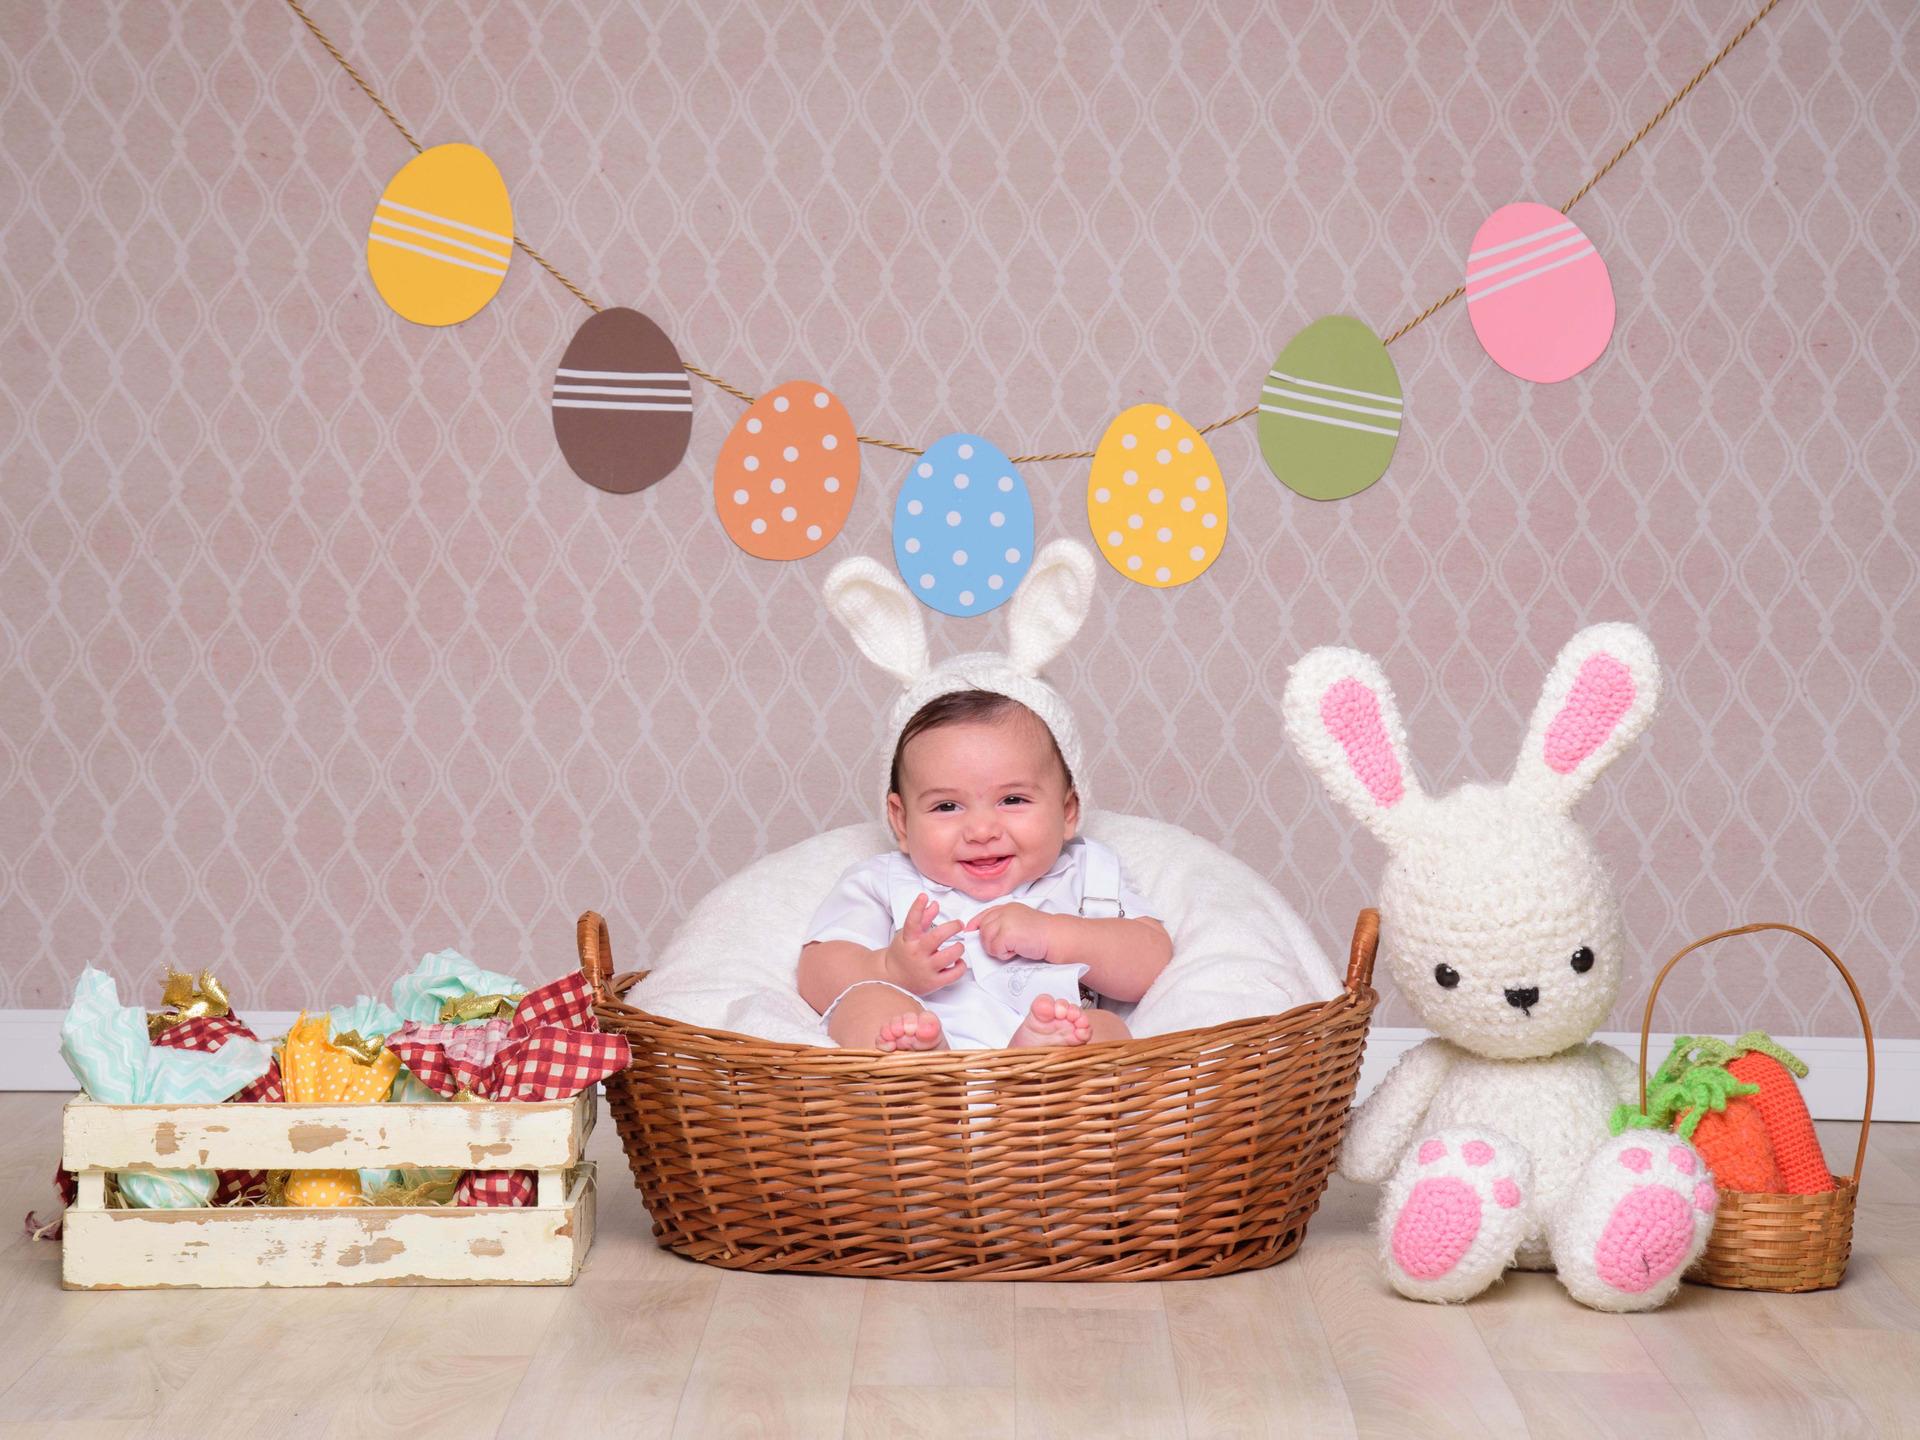 sessão de fotos páscoa, coelho da páscoa, coelhinho, orelhinha, bebês de orelhinha, chocolate, ensaio páscoa, bebês fantasiados, foto de bebê, ensaio infantil, fotografia infantil, inspiração ensaio bebês, bebês fofos,